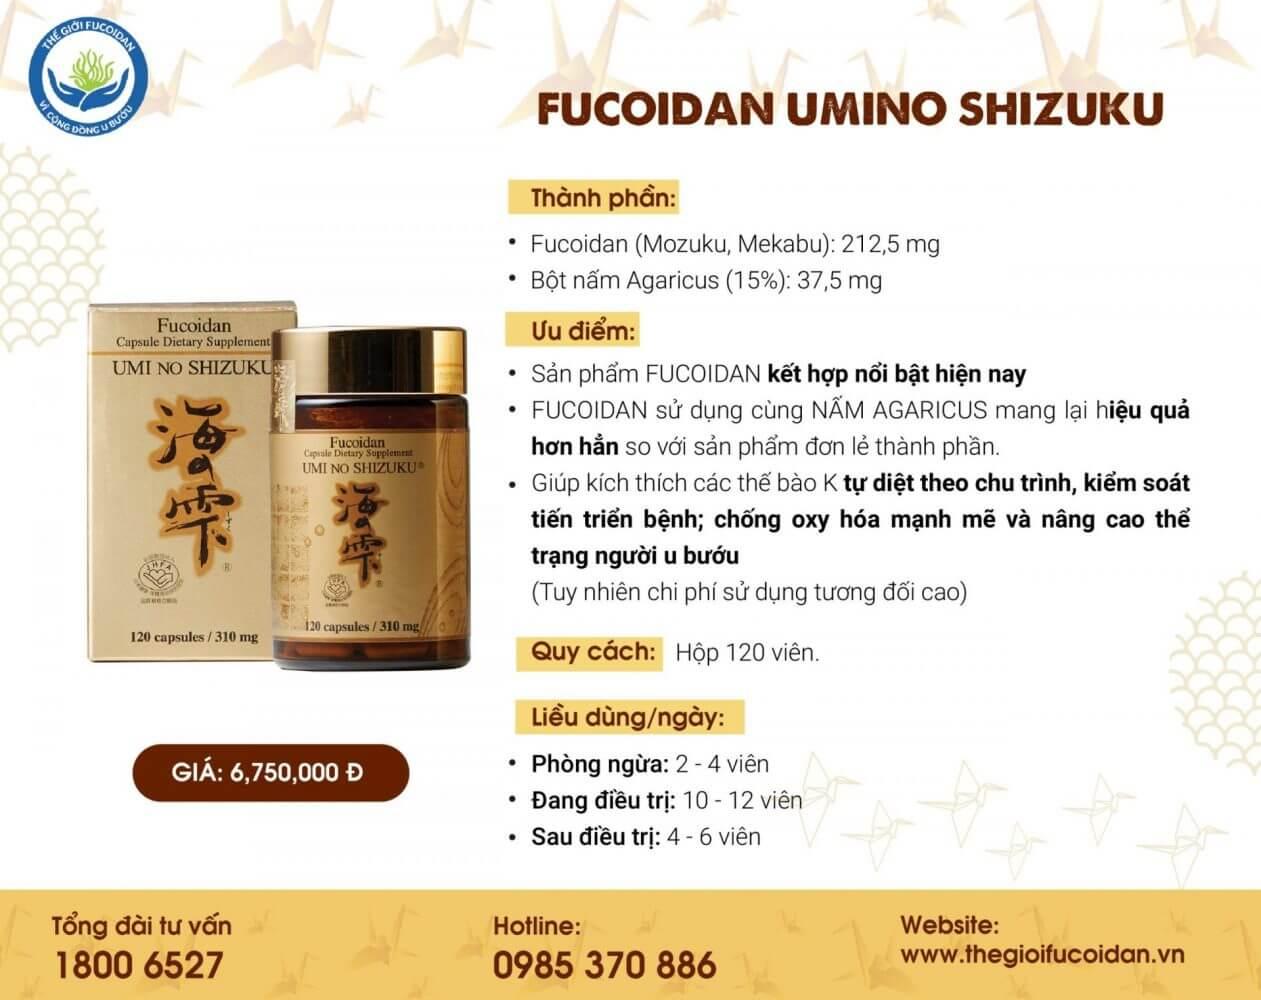 Umi No Shizuku Fucoidan vàng Nhật Bản: thành phần Fucoidan và nấm agaricus nhưng hàm lượng cao hơn